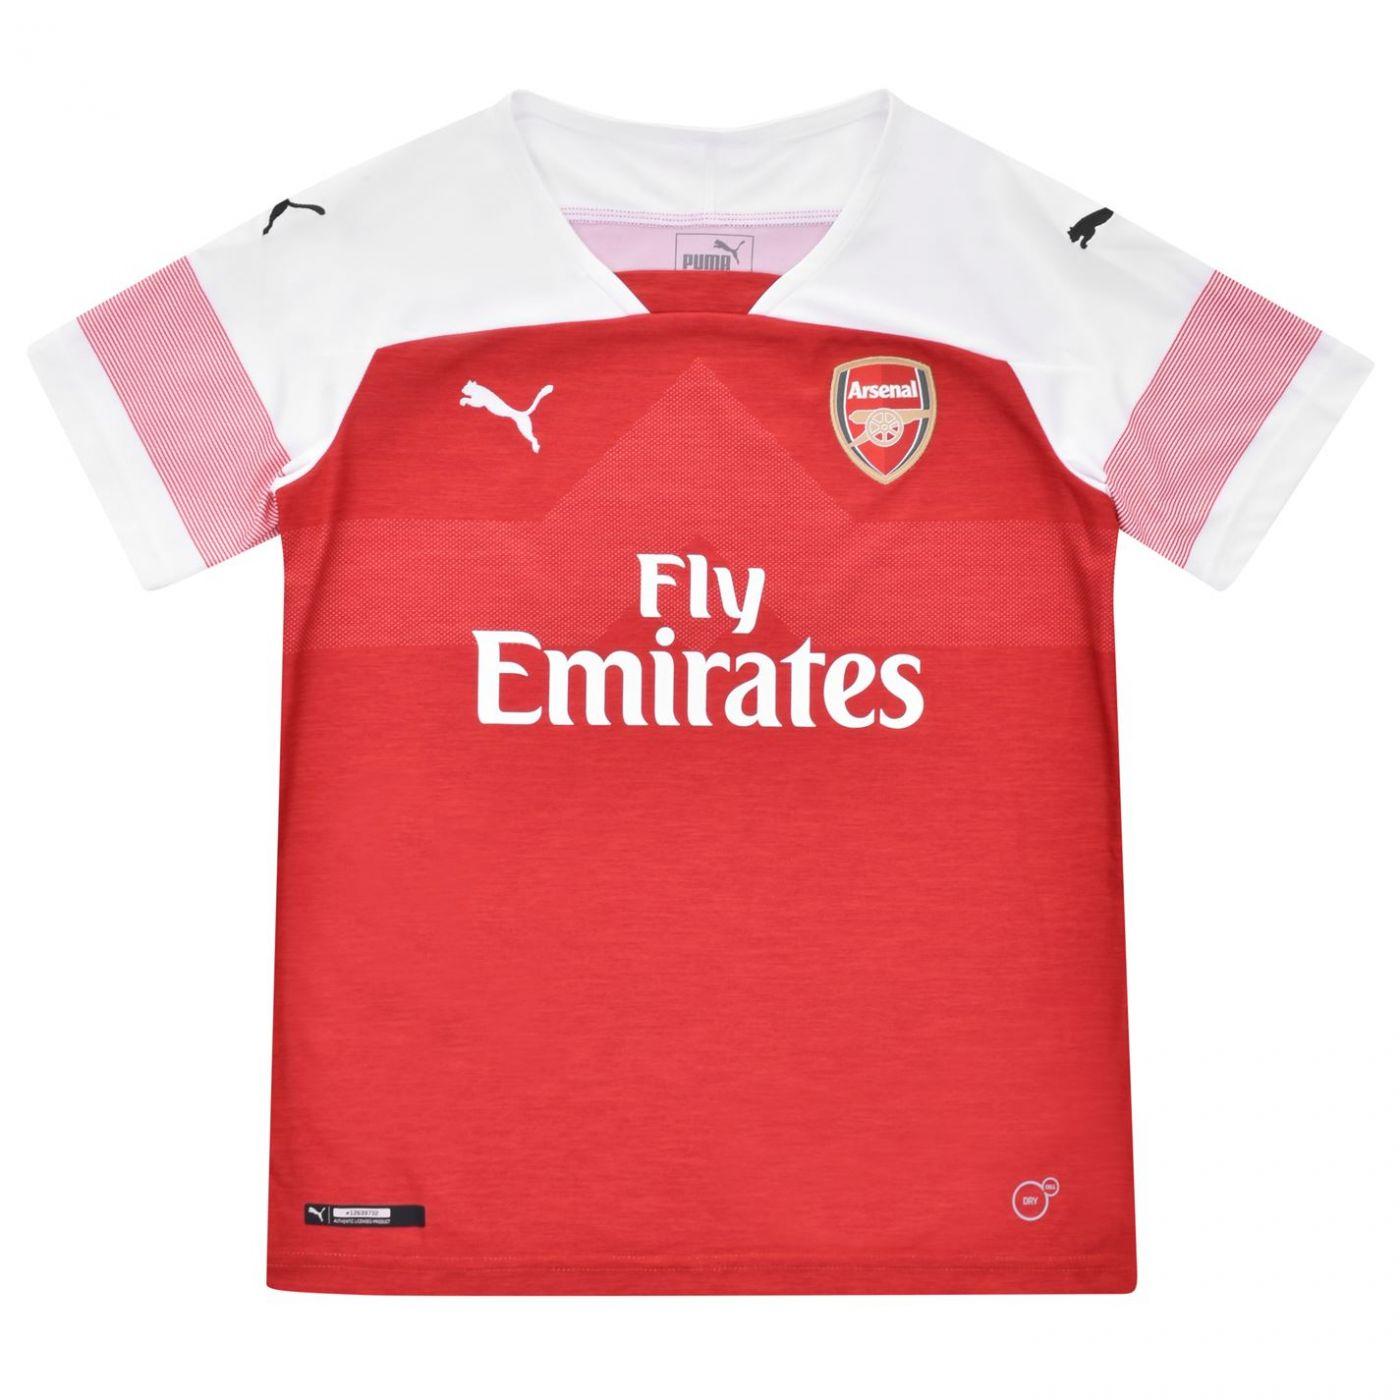 Puma Arsenal FC Junior Home Replica T-shirt 2018-19